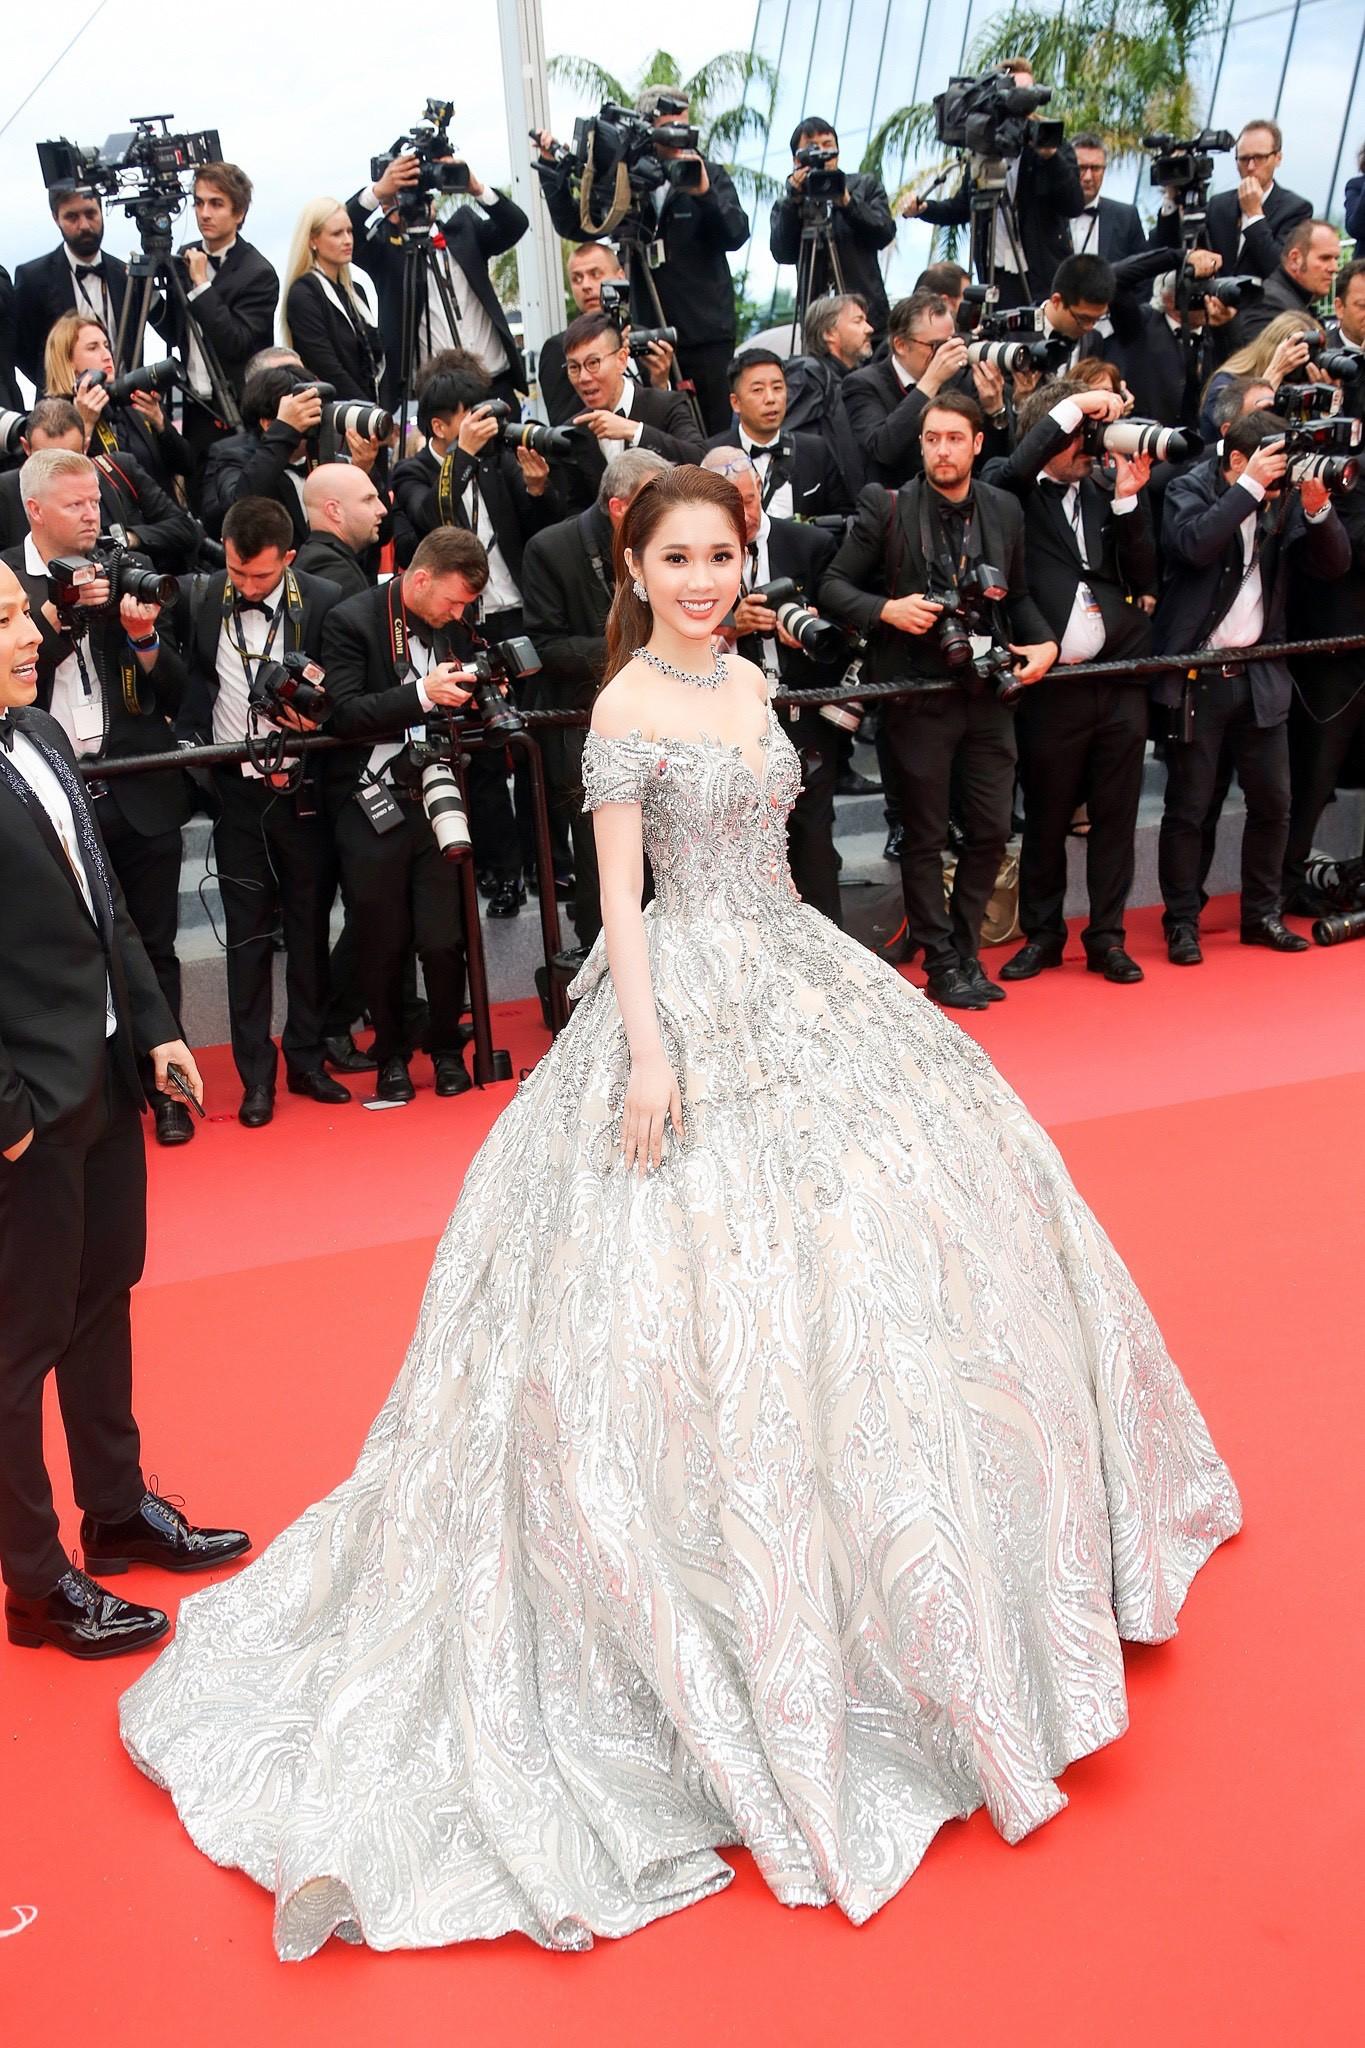 Lần đầu đến Cannes, bản sao Ngọc Trinh xuất hiện lộng lẫy trên thảm đỏ với trang sức tiền tỷ - Ảnh 3.